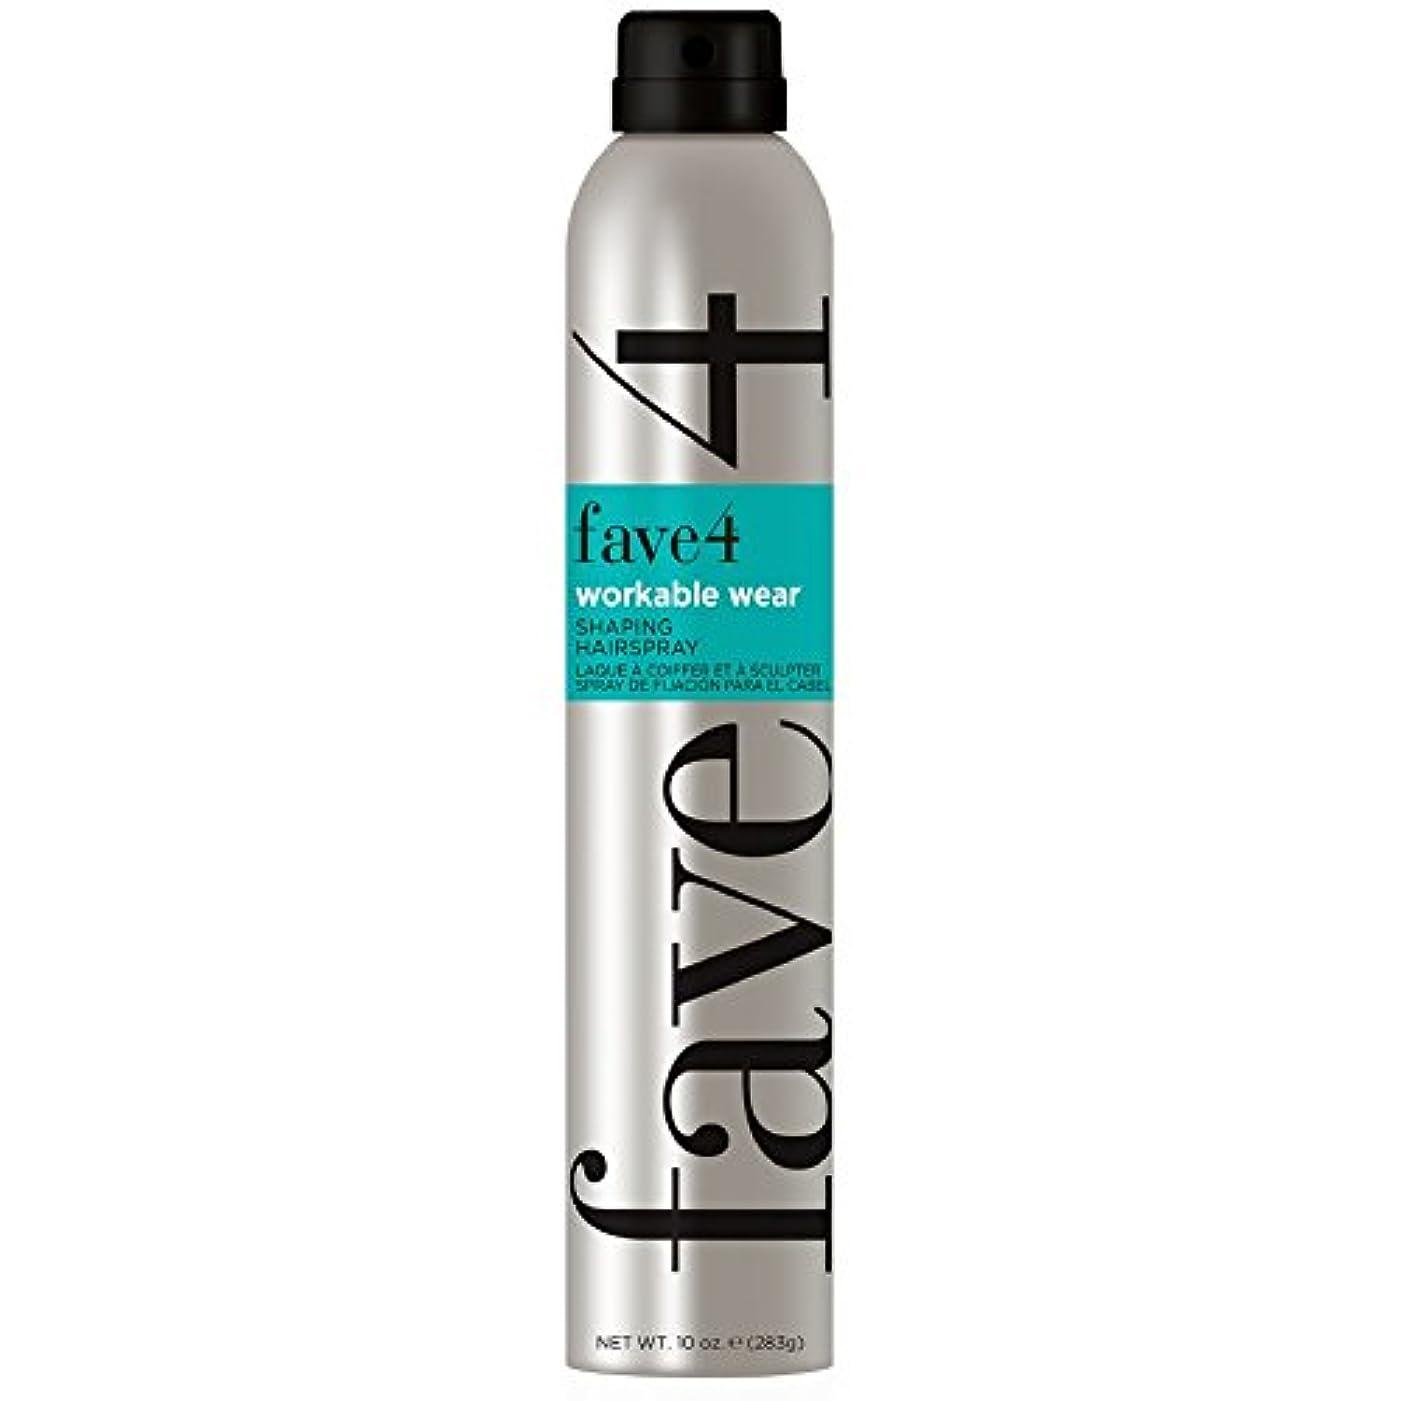 移植システム素晴らしいfave4 実用服シェーピングヘアスプレー - 硫酸無料|パラベンフリー|グルテンフリー|虐待無料|色処理した毛髪、10オンスのための安全な 10オンス